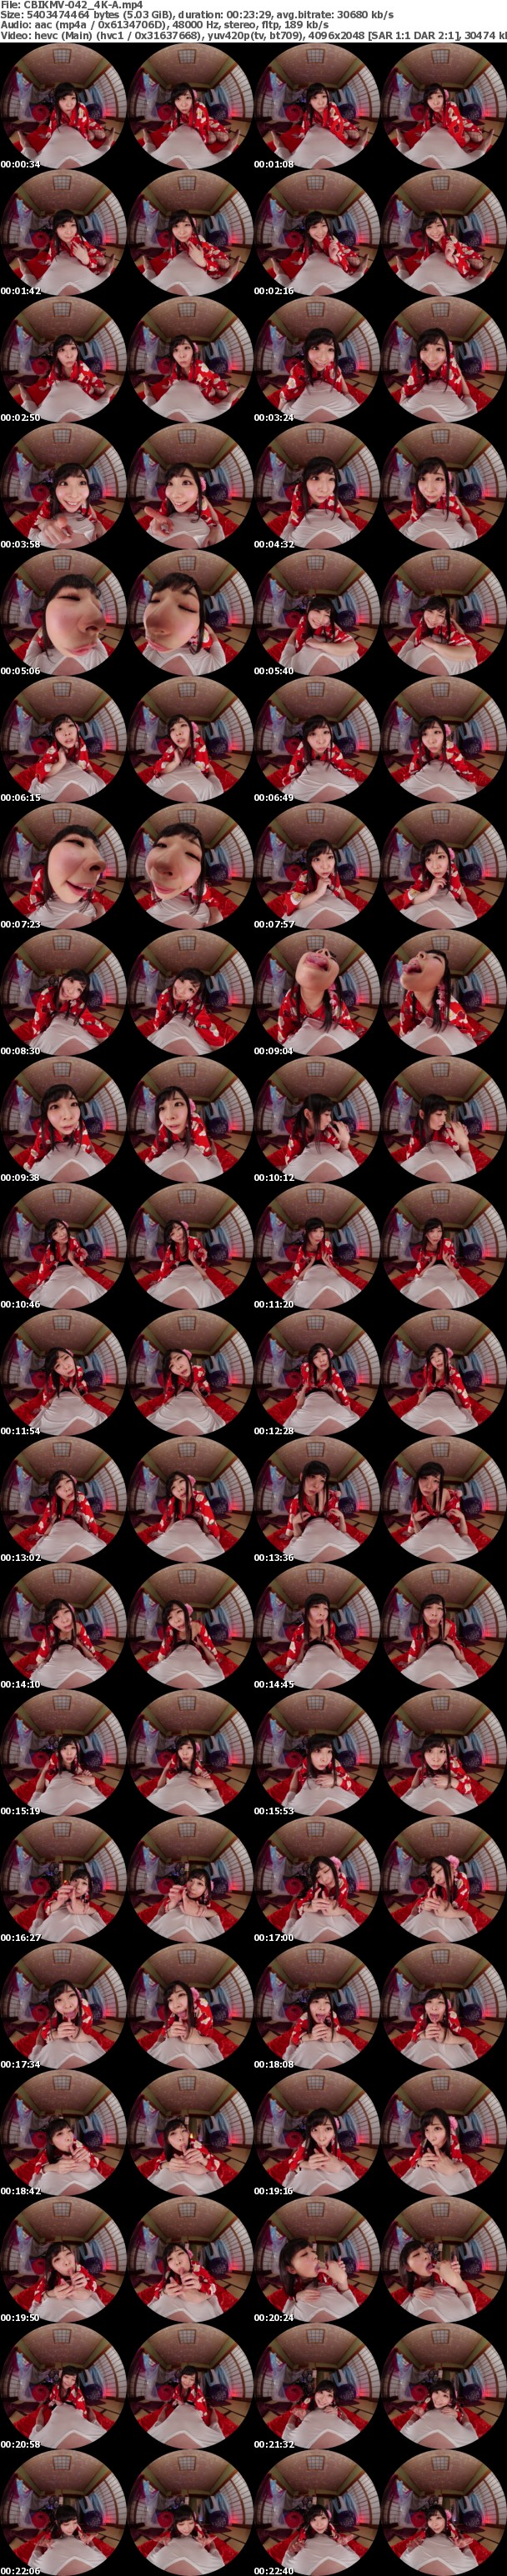 (VR) (4K) CBIKMV-042 裏風俗 極上痴女の寸止め淫語ノンストップ乳首射精っ!指名率No.1 リピート率120% みおさん